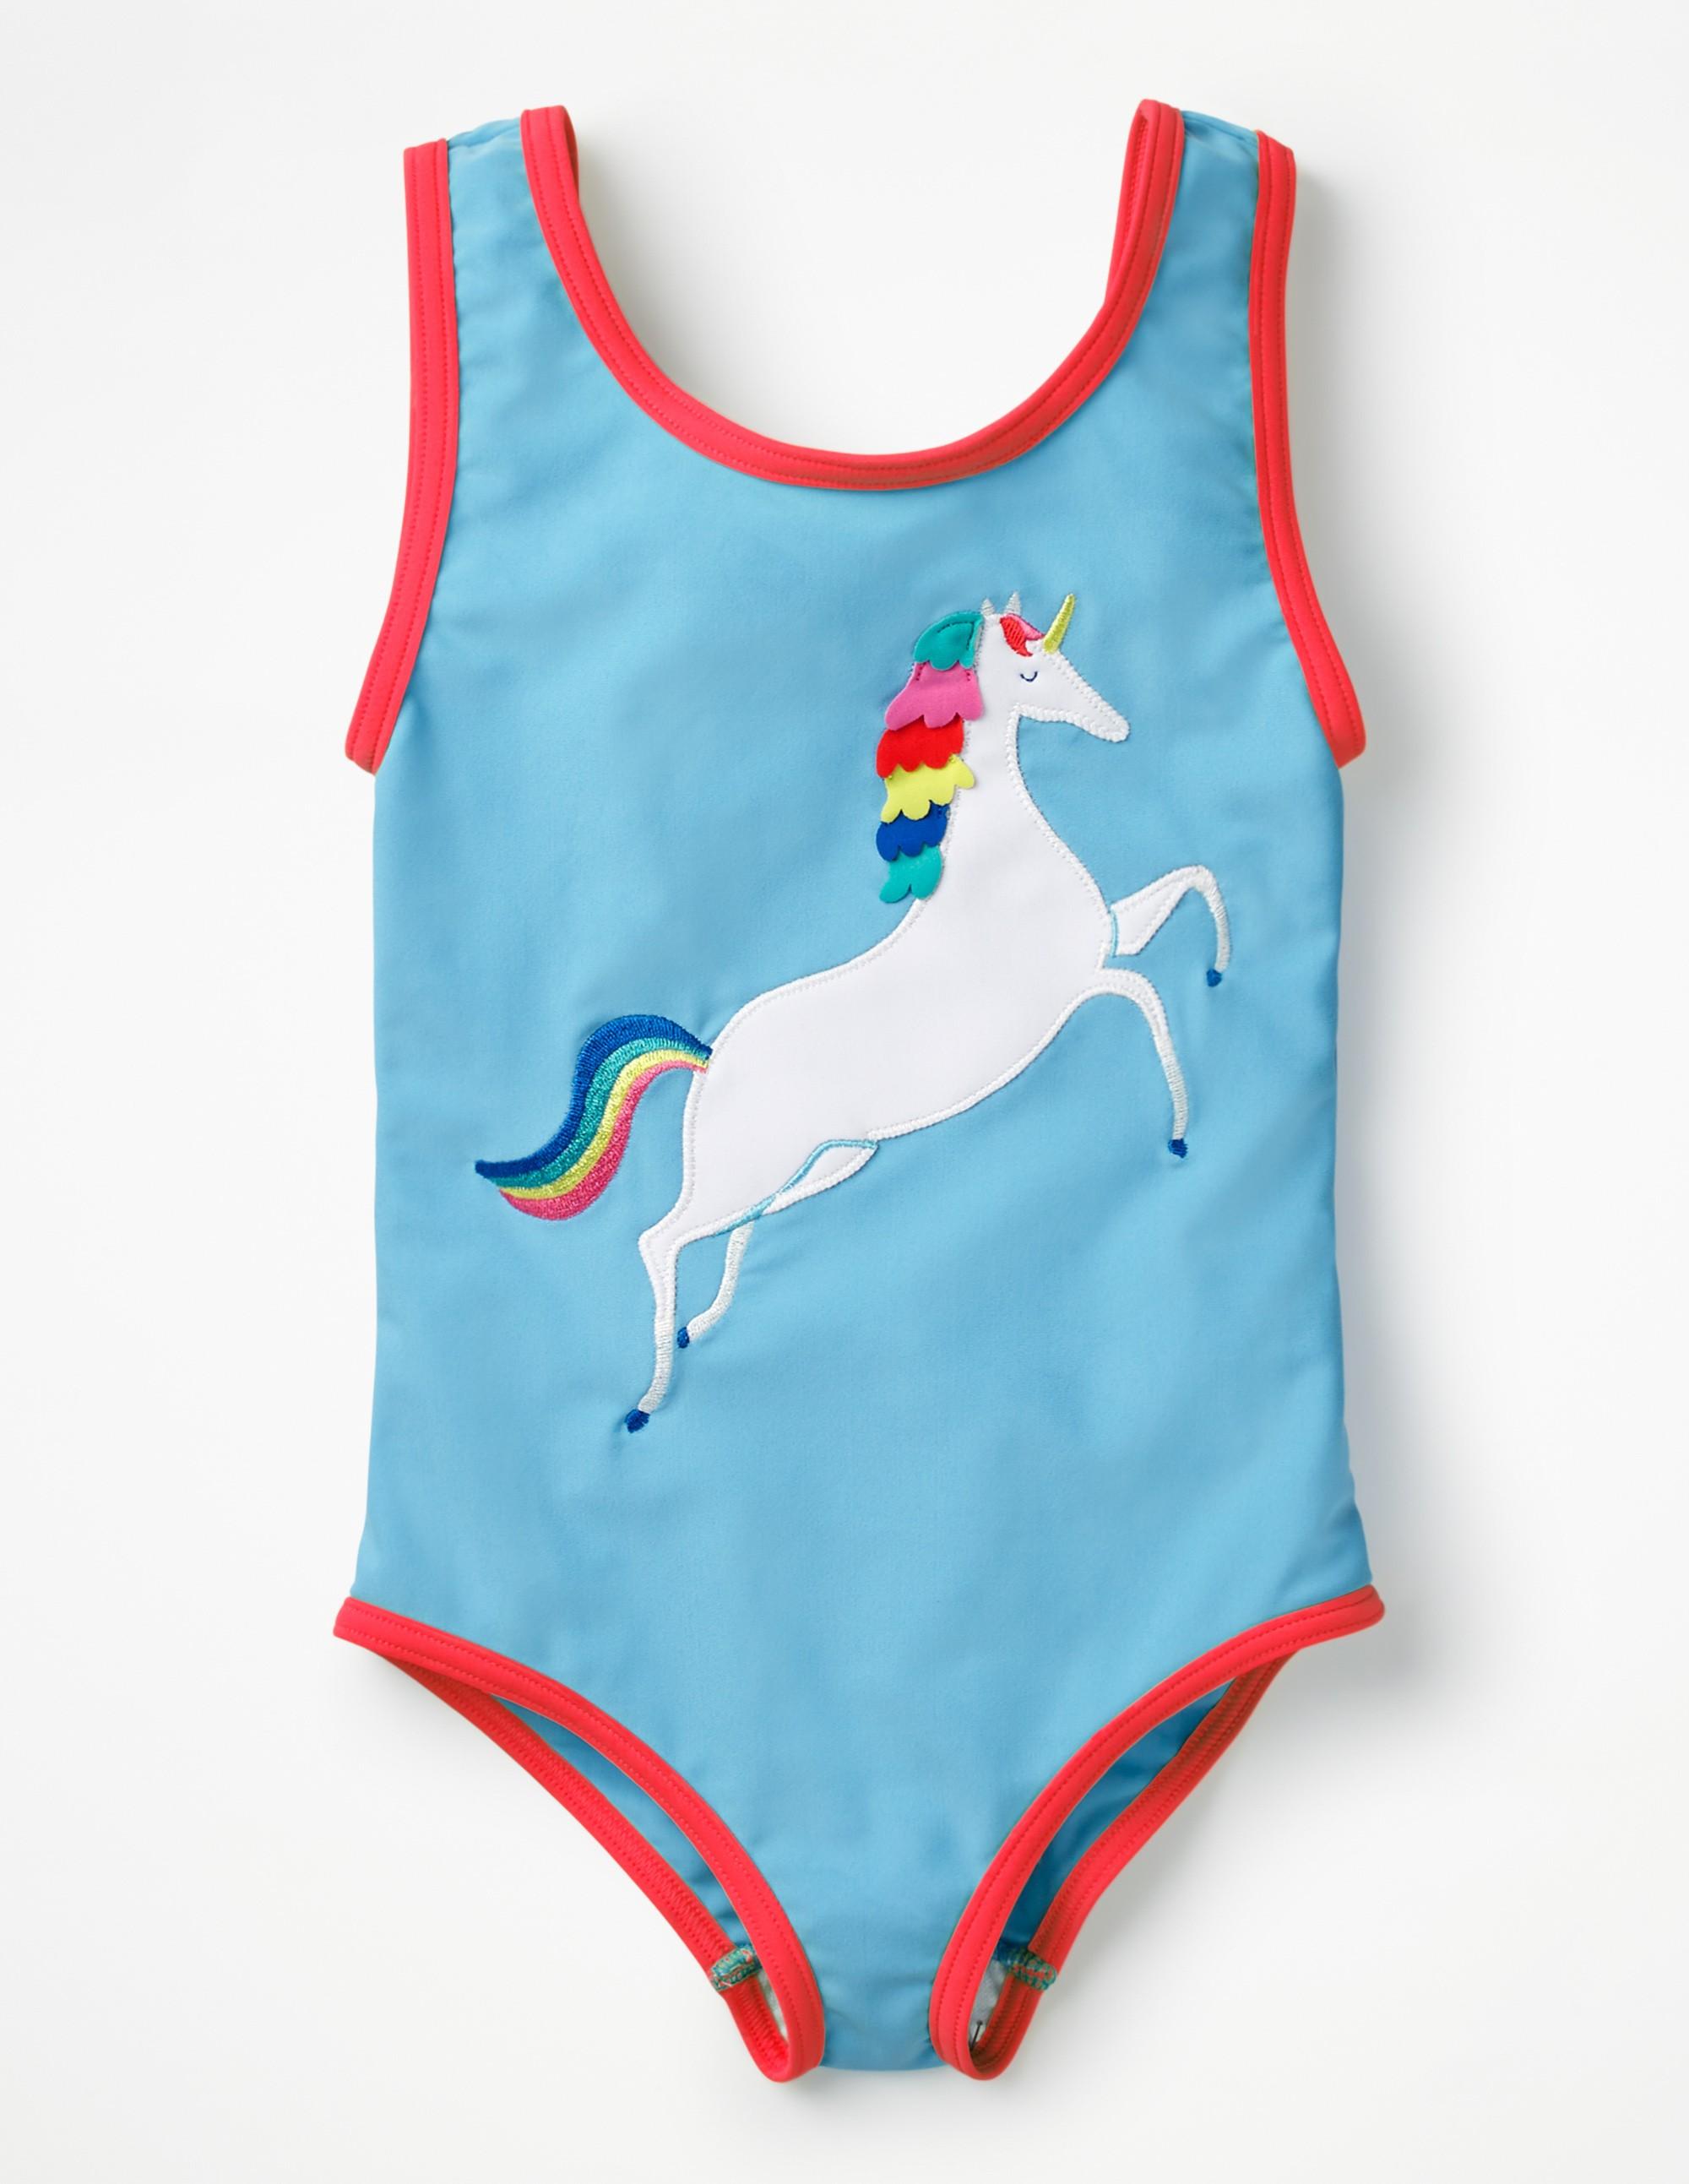 http://www.boden.co.uk/en-gb/girls-swimwear/swimsuits/g0423/girls-fun-detail-swimsuit